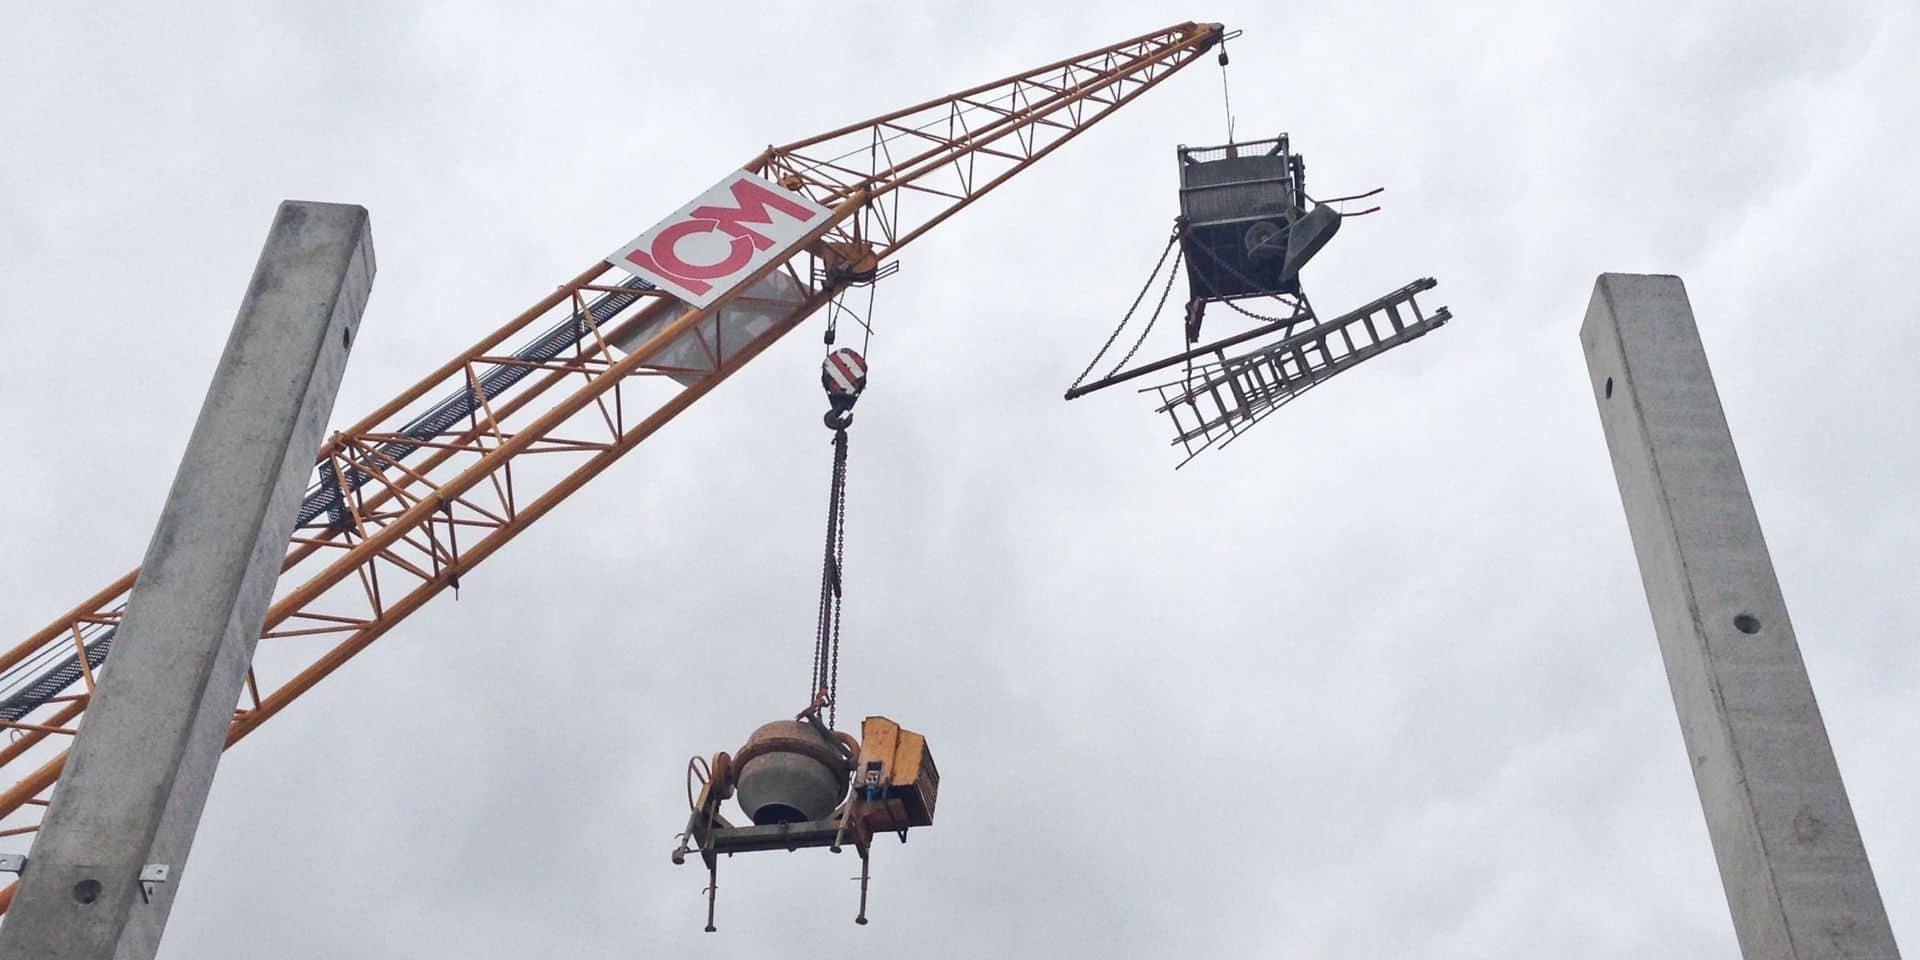 Une bande de 12 prévenus poursuivie pour d'importants vols de machines de chantier